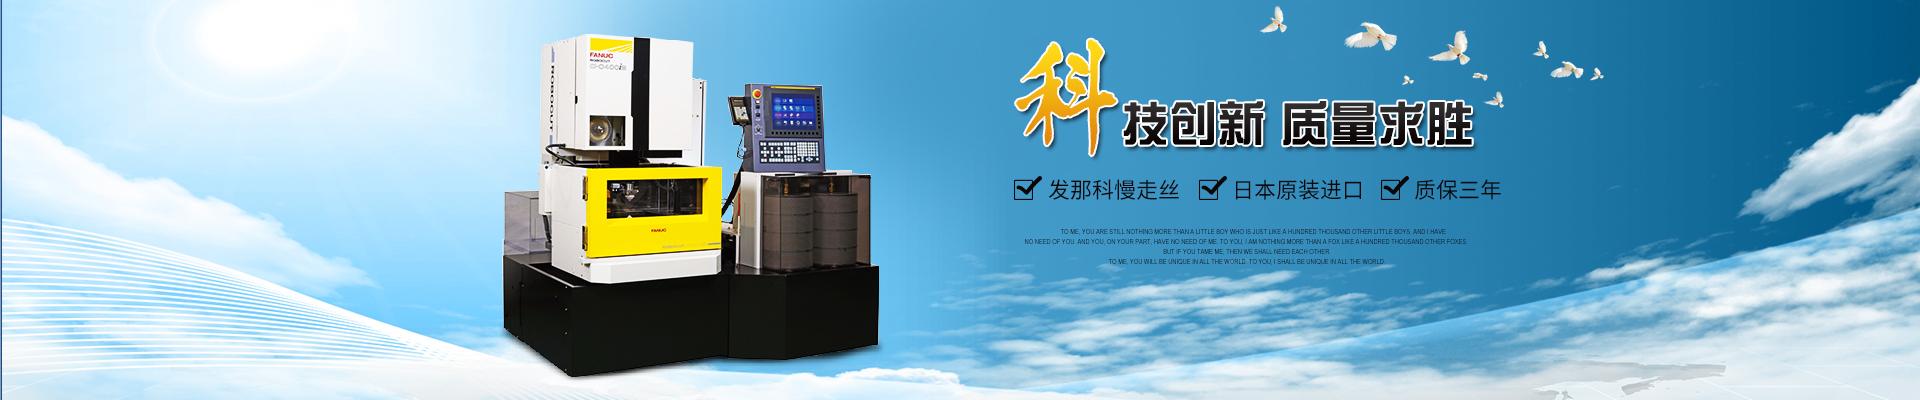 南京雷能精密机械有限公司